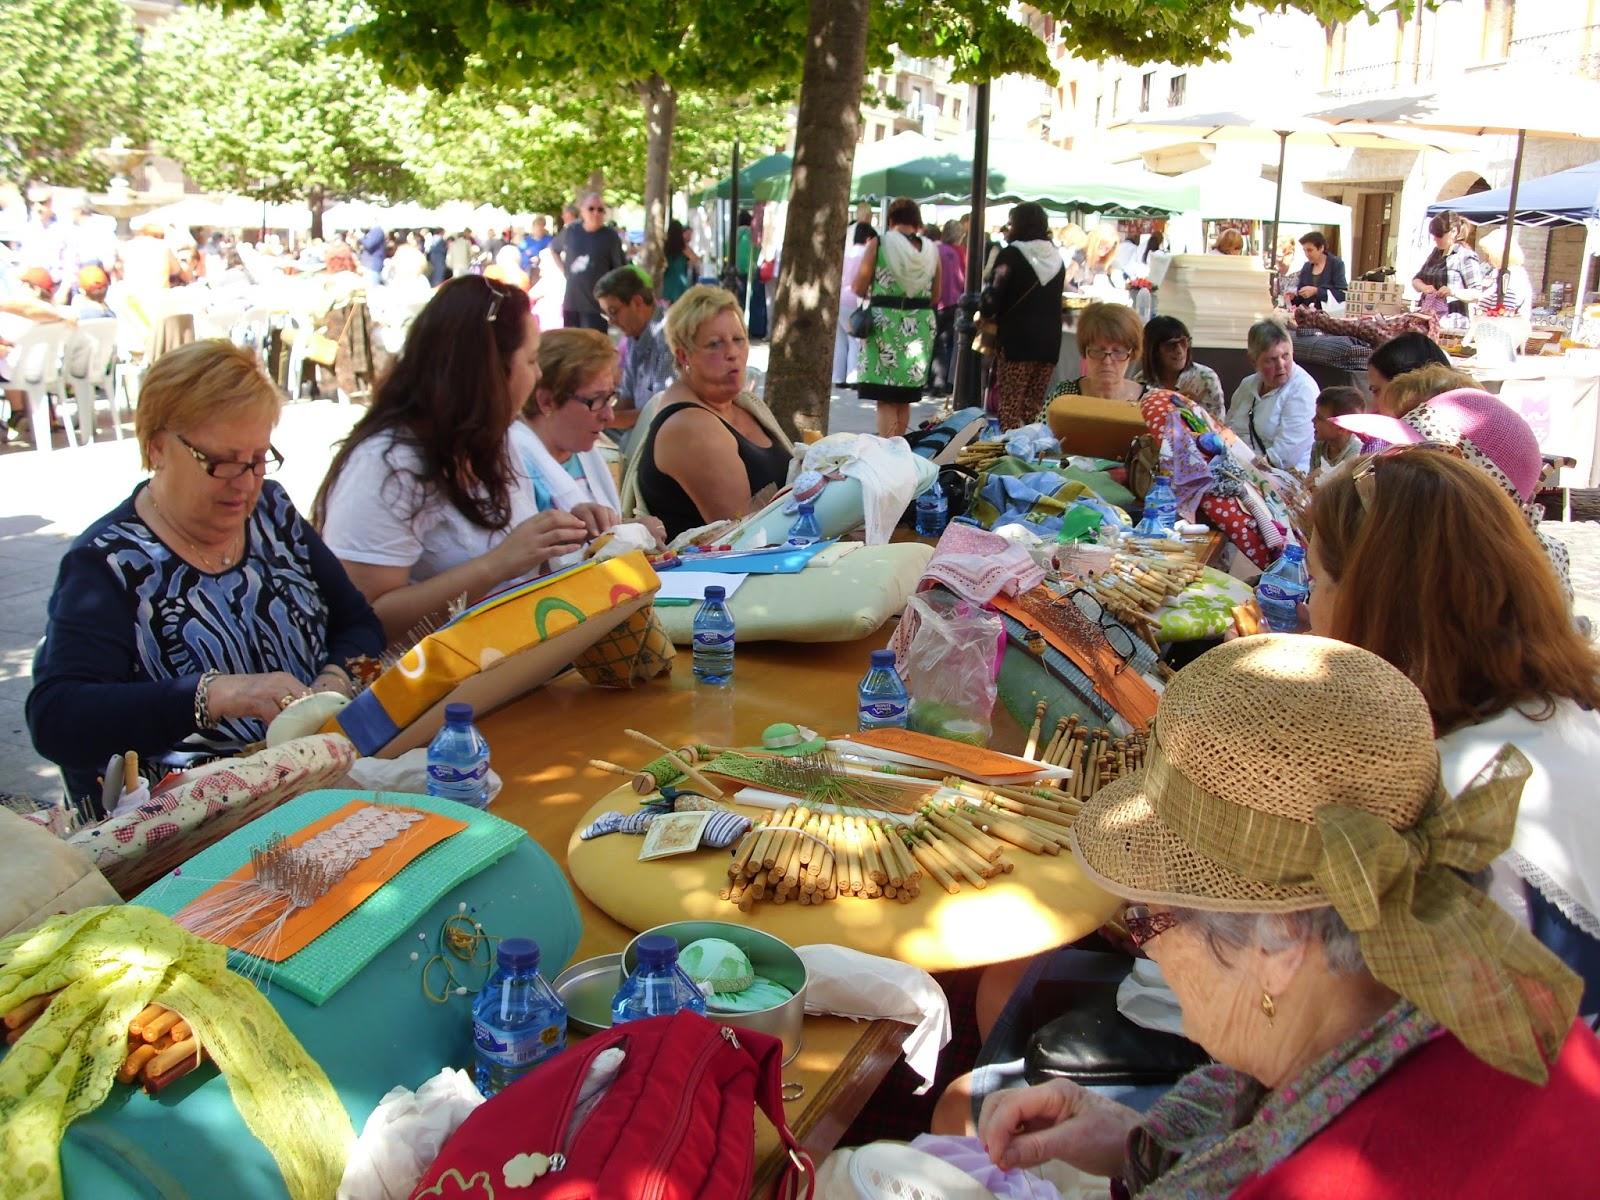 """La """"Ciudad Medieval de Estella Lizarra"""", celebra cada año su edición  de la Fiesta de las Encajeras, que se celebra en el mes de mayo en la ciudad.  Es una tradición que en los últimos años se viene celebrando en la vieja Lizarra, promovida  por las mujeres de la """"Comarca Urbasa Estella"""", a través de la asociación local.  Esta evento popular, es un día muy importante para la ciudad, ya  que son más de 1.000 personas, las que se concentran en la ciudad para mostrar al público, como se trabaja y como se crean objetos de encajes, etc."""